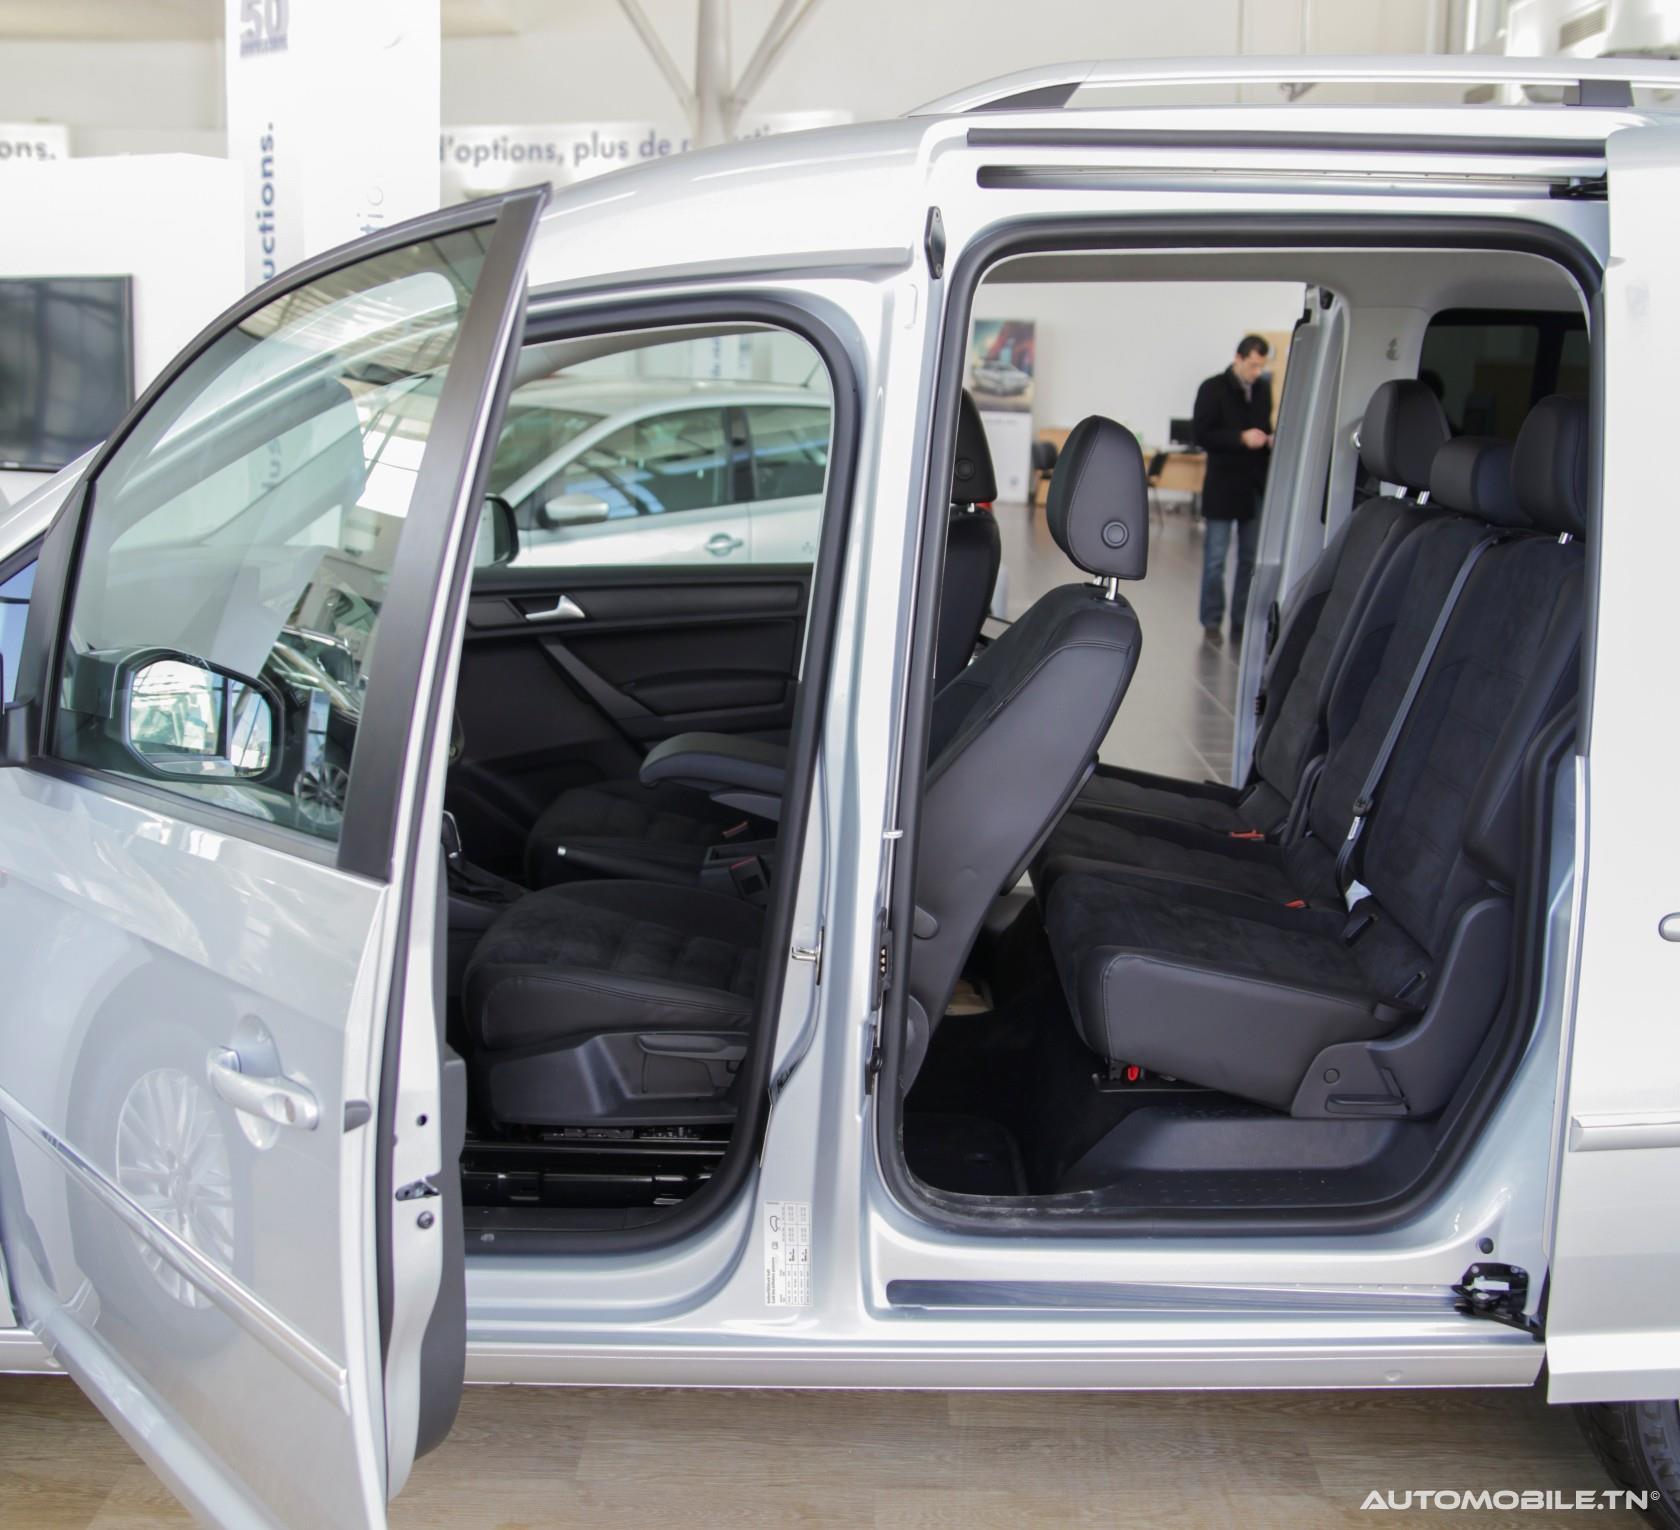 nouveaut s nouveau volkswagen caddy highline chez ennakl. Black Bedroom Furniture Sets. Home Design Ideas